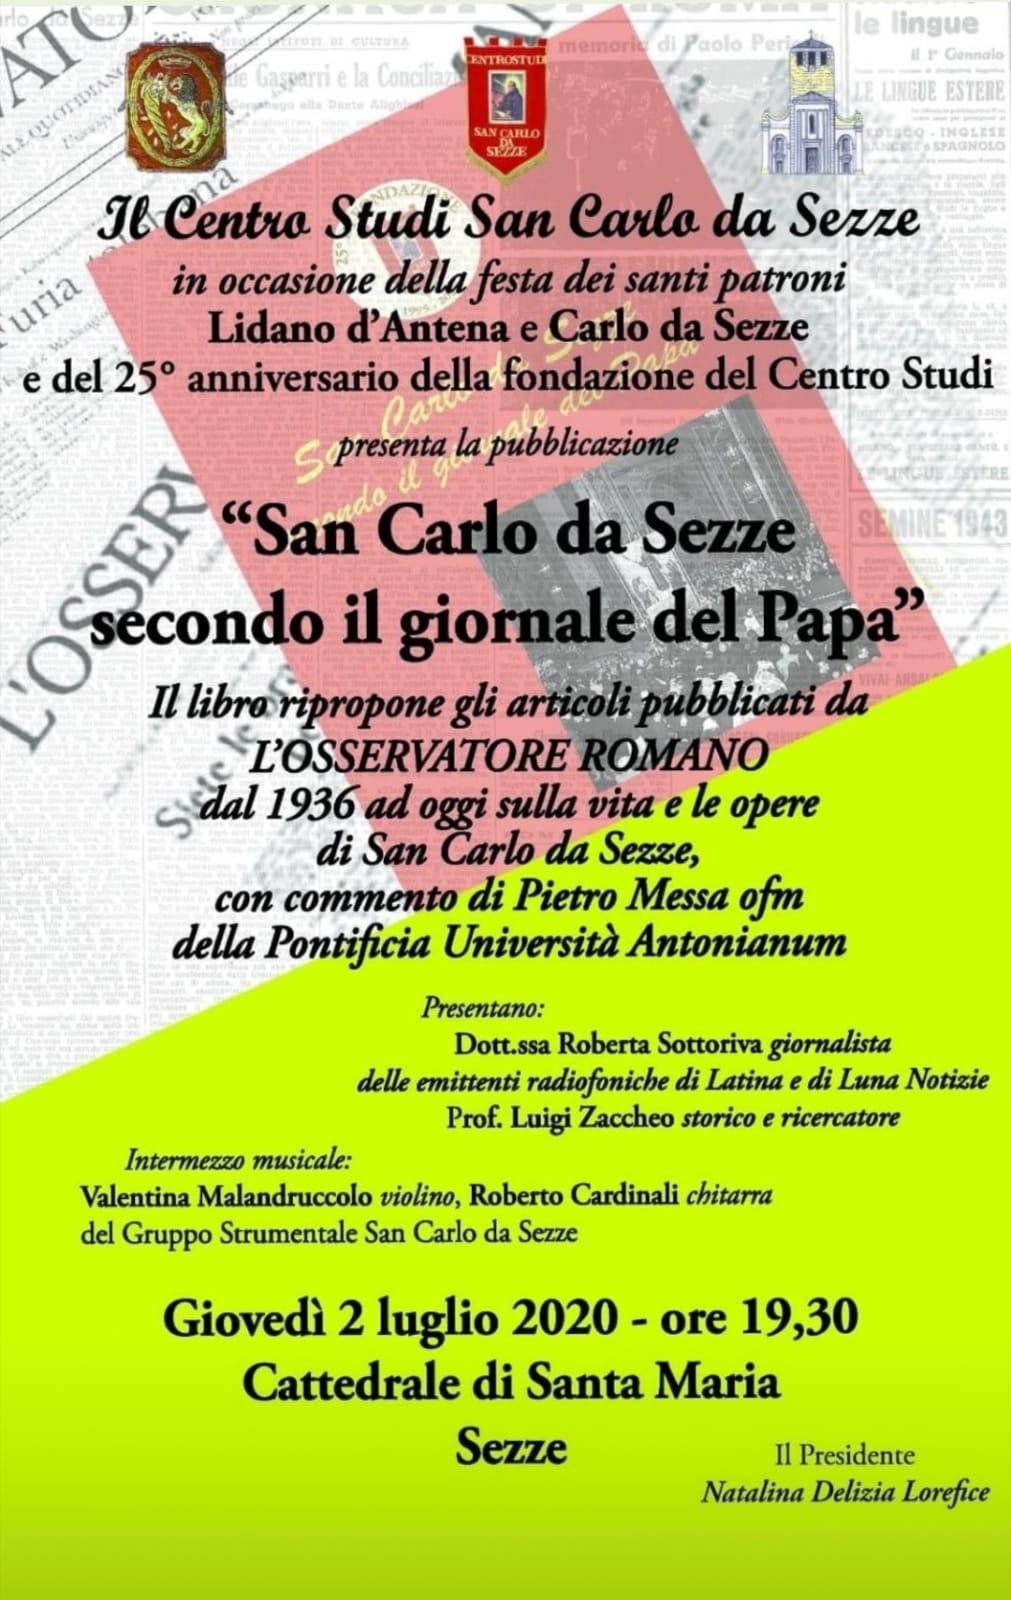 sezze-san-carlo-secondo-il-giornale-del-papa-02072020